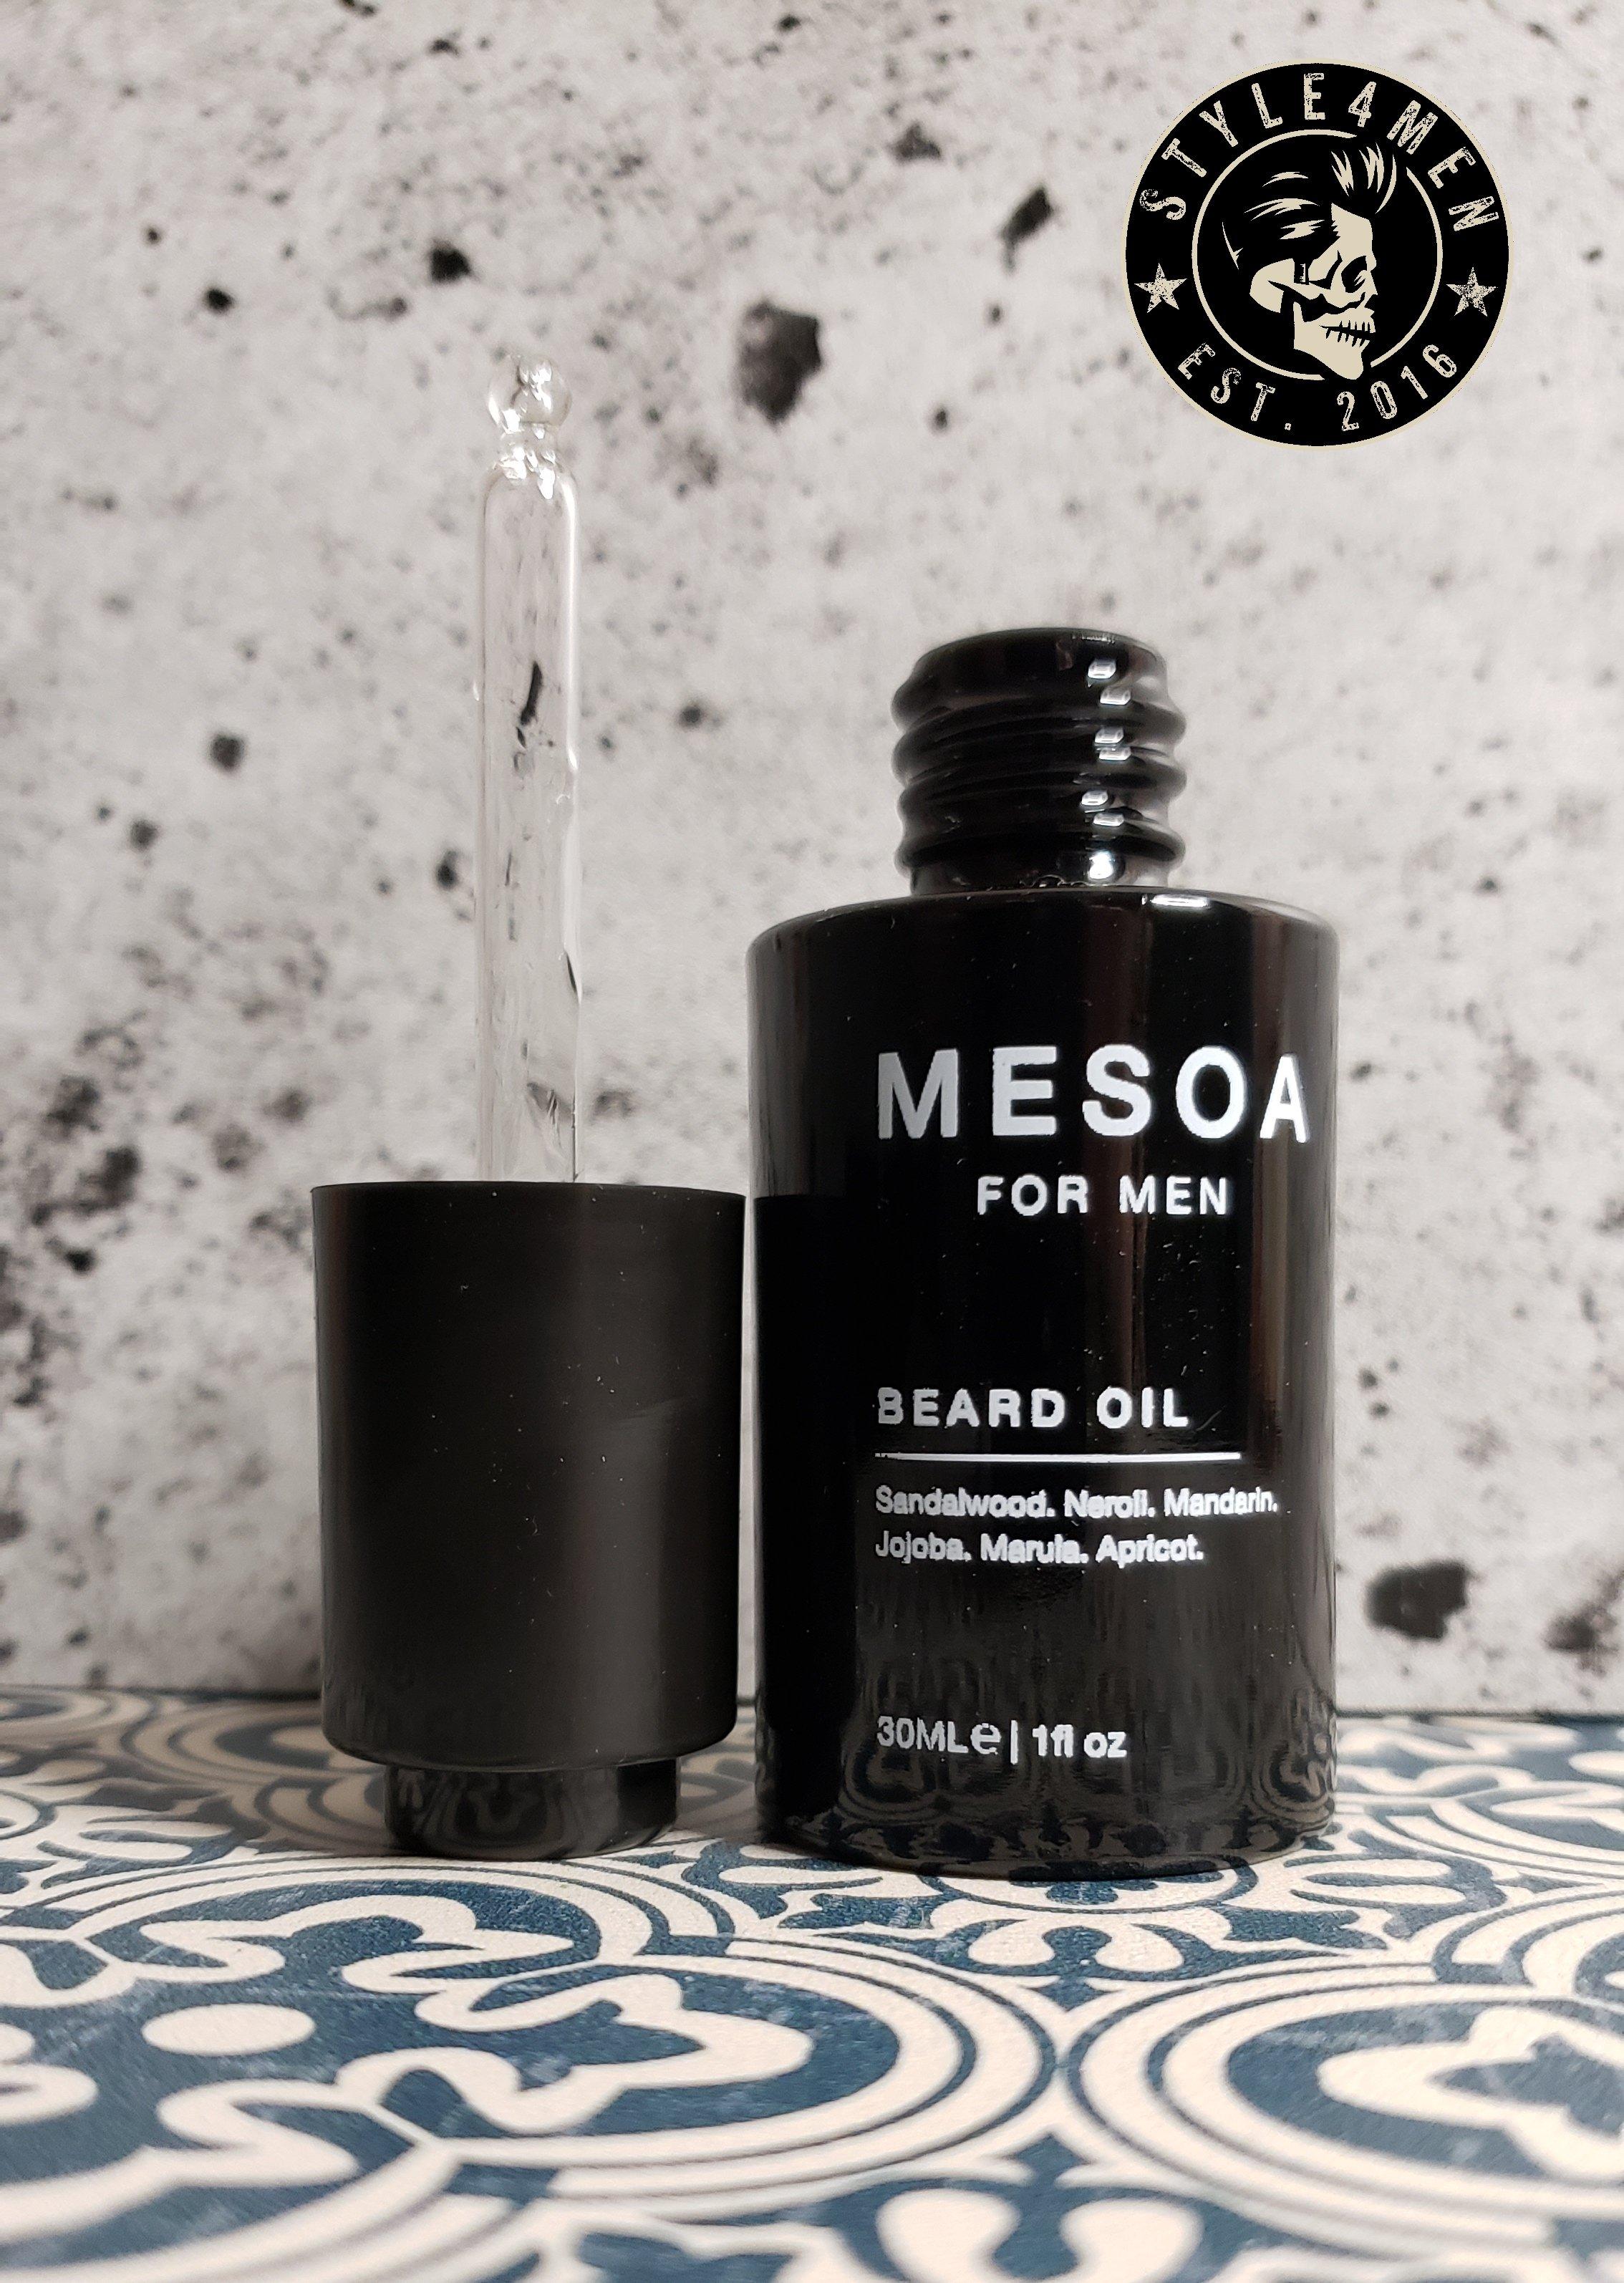 MESOA for Men Beard Oil